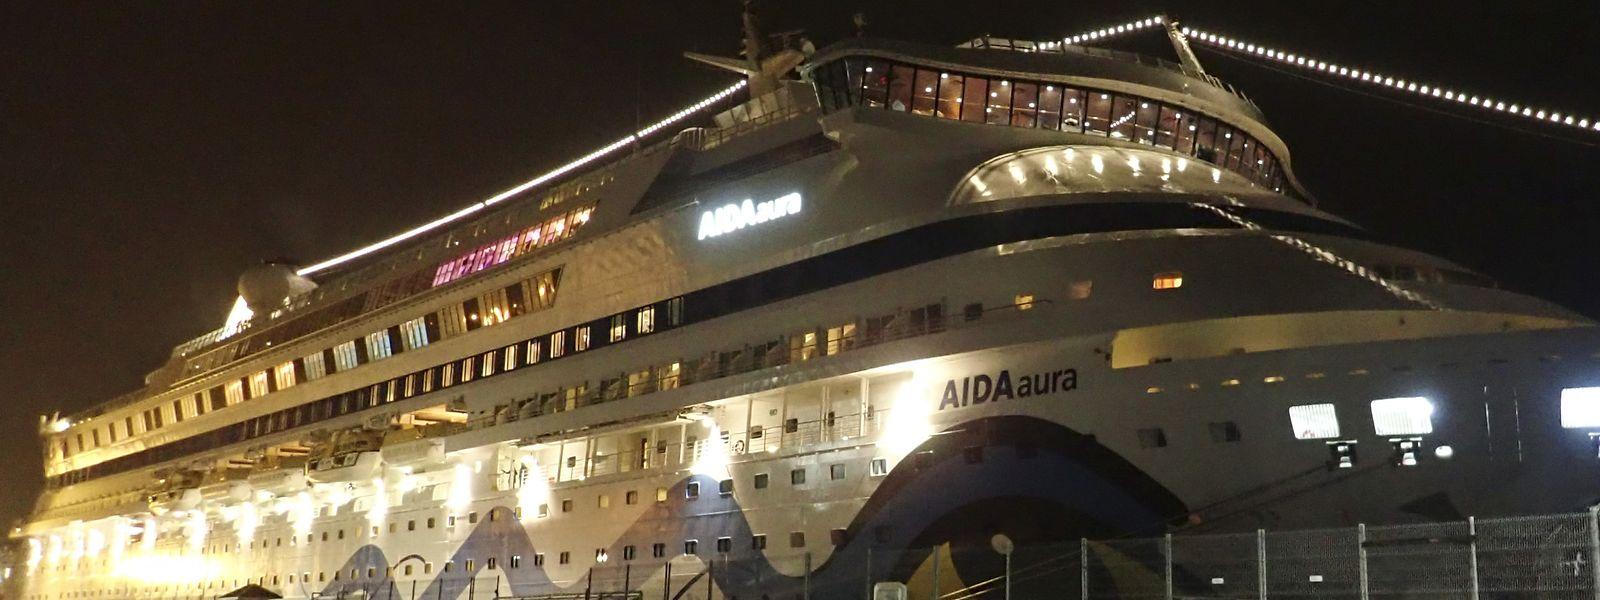 """Das Kreuzfahrtschiff """"Aida Aura"""" lag am Dienstag vorübergehend in Norwegen fest. Grund war ein Corona-Verdachtsfall."""